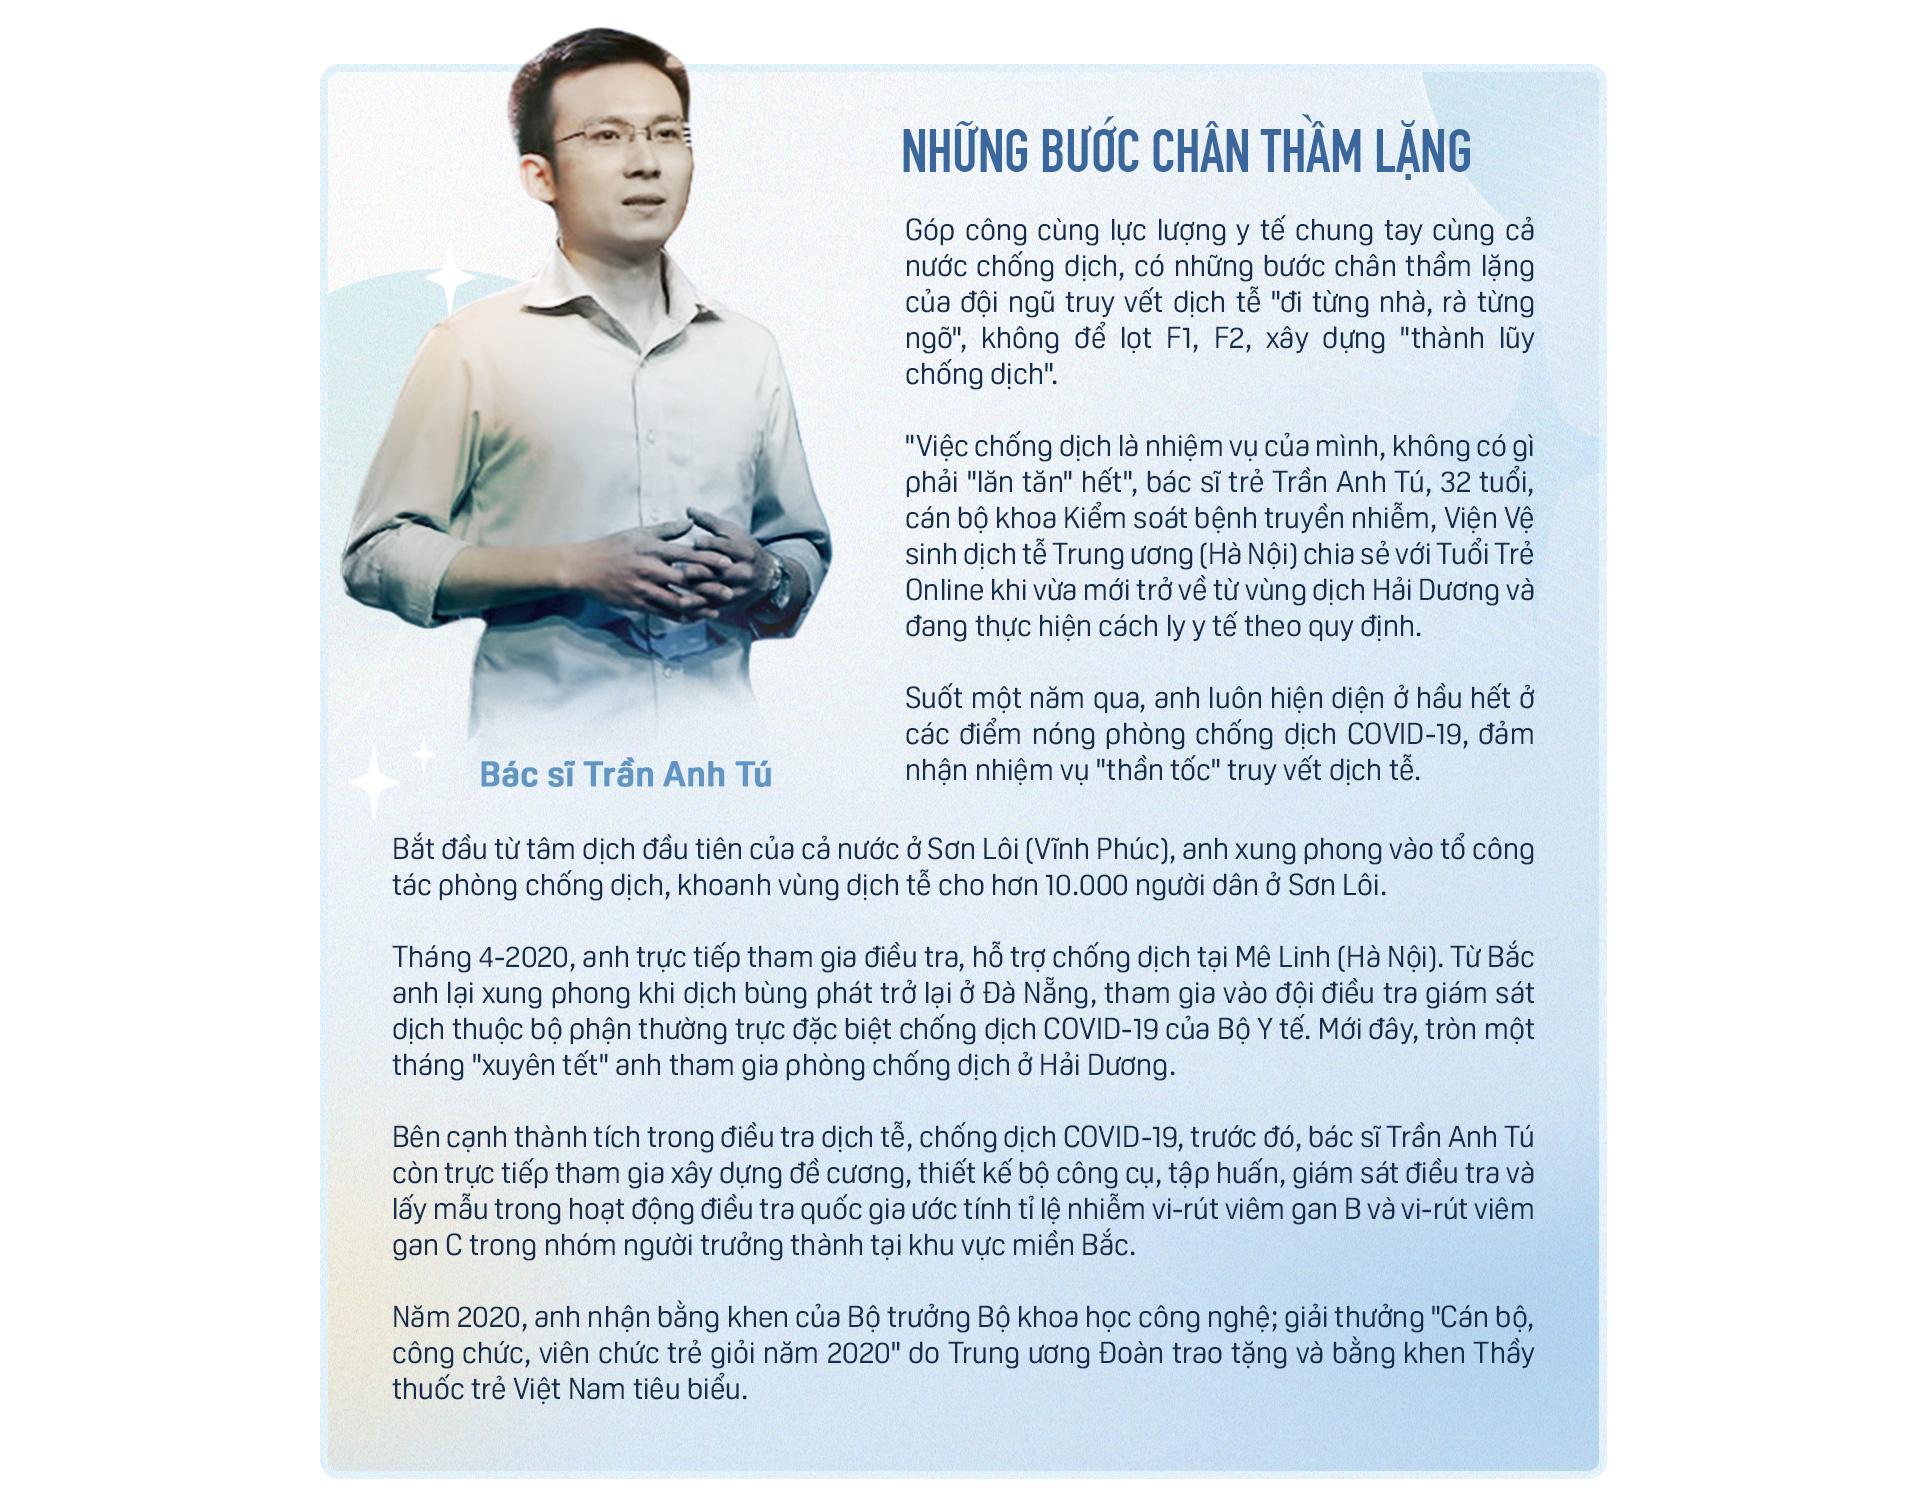 Tự hào xướng tên Việt Nam trên đấu trường quốc tế - Ảnh 13.